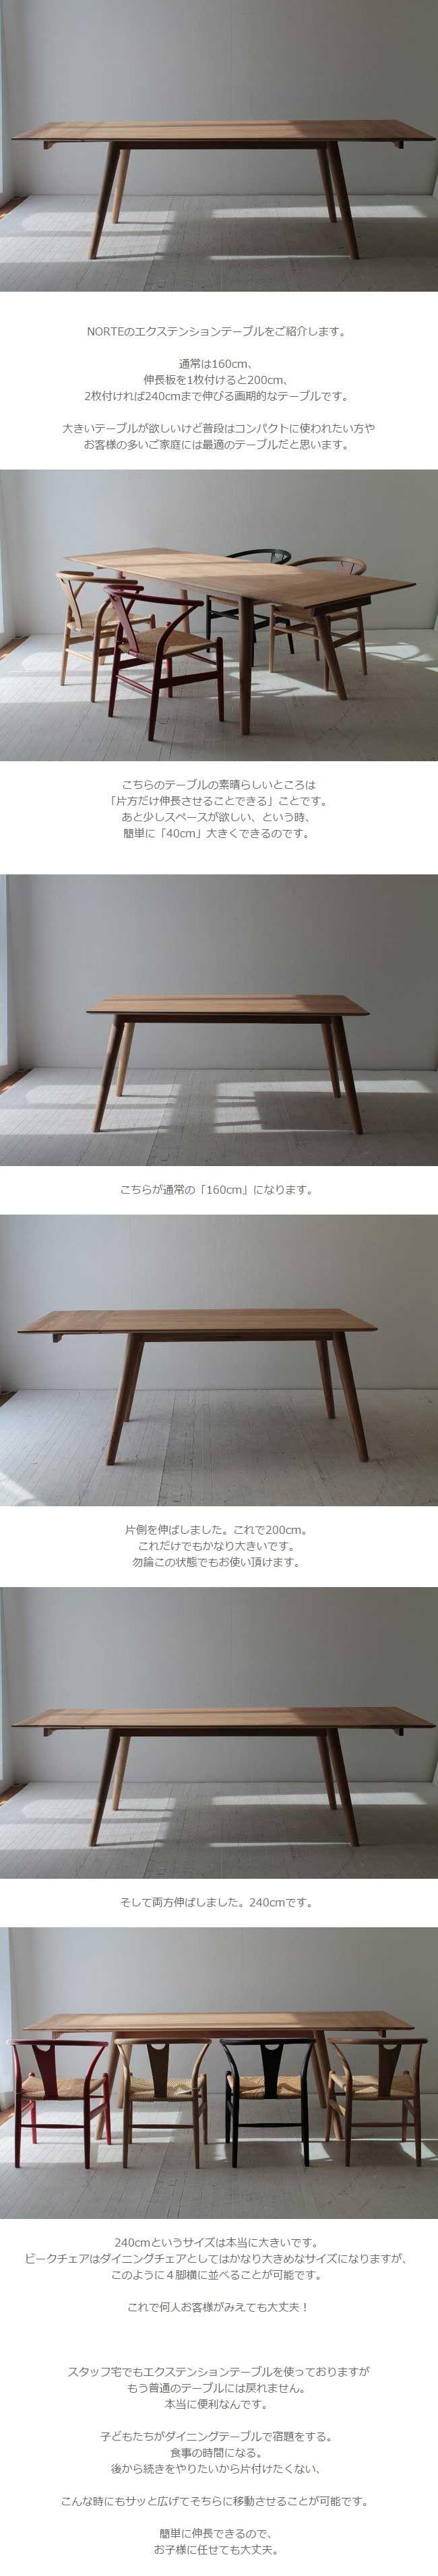 ダイニングテーブル 北欧 伸縮。ダイニングテーブル 木製 北欧 伸縮 天然木 オーク無垢材 伸長式 幅160-240cm (ダイニング ダイニングテーブル テーブル 木製ダイニングテーブル 北欧 ナチュラル 食卓ダイニングテーブル シンプルダイニングテーブル おしゃれ NRT-EXT-01-160